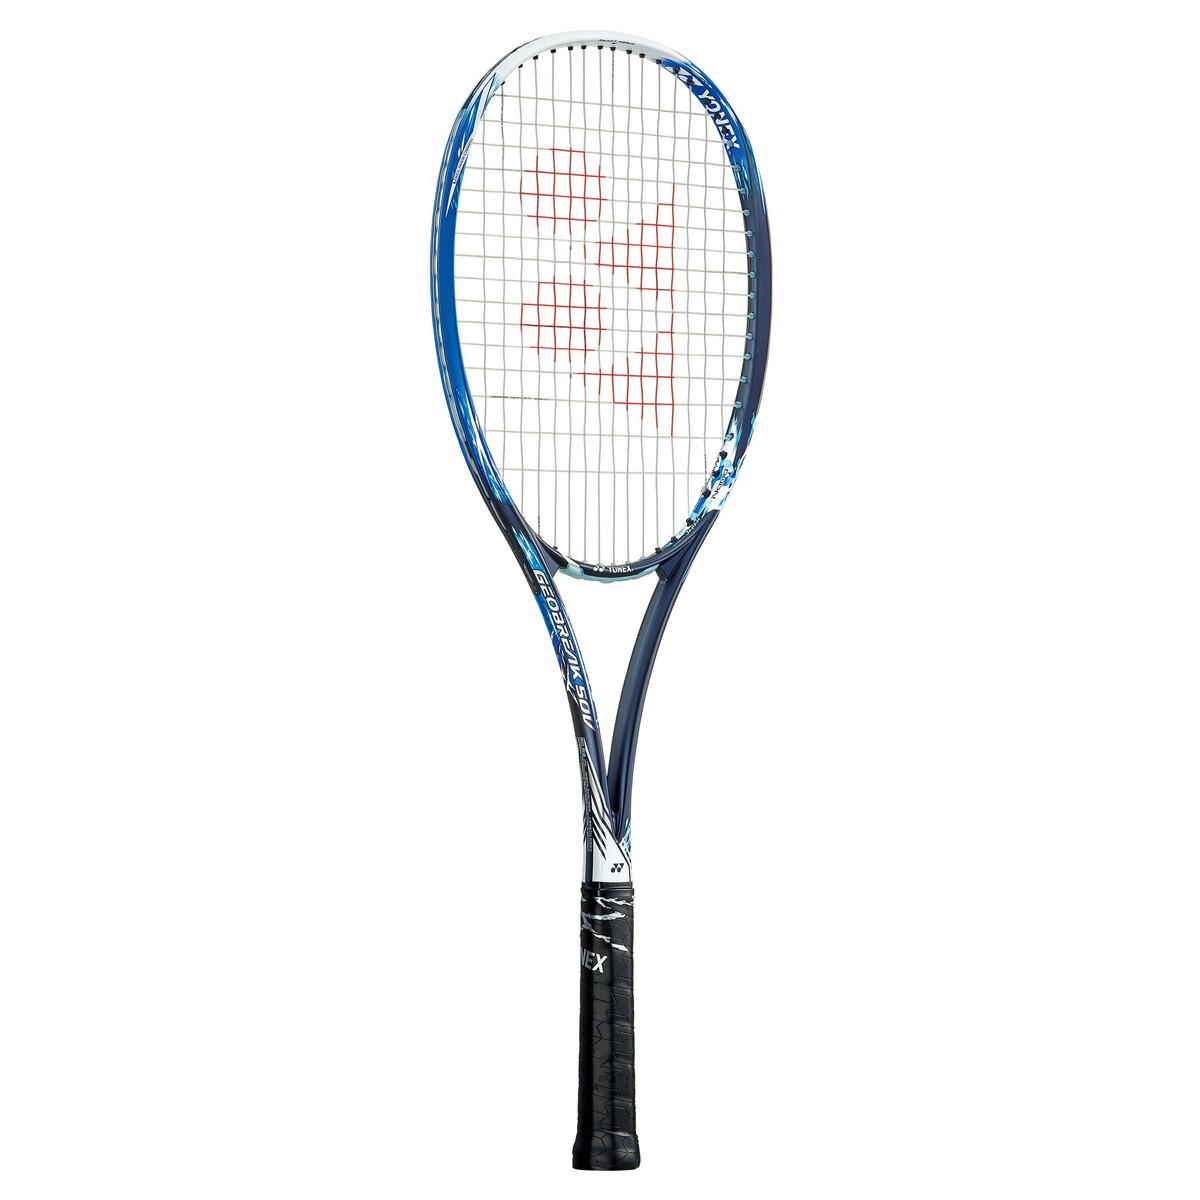 ヨネックス YONEX 軟式テニス ソフトテニスラケット ジオブレイク 50V GEOBREAK 50V GEO50V-403